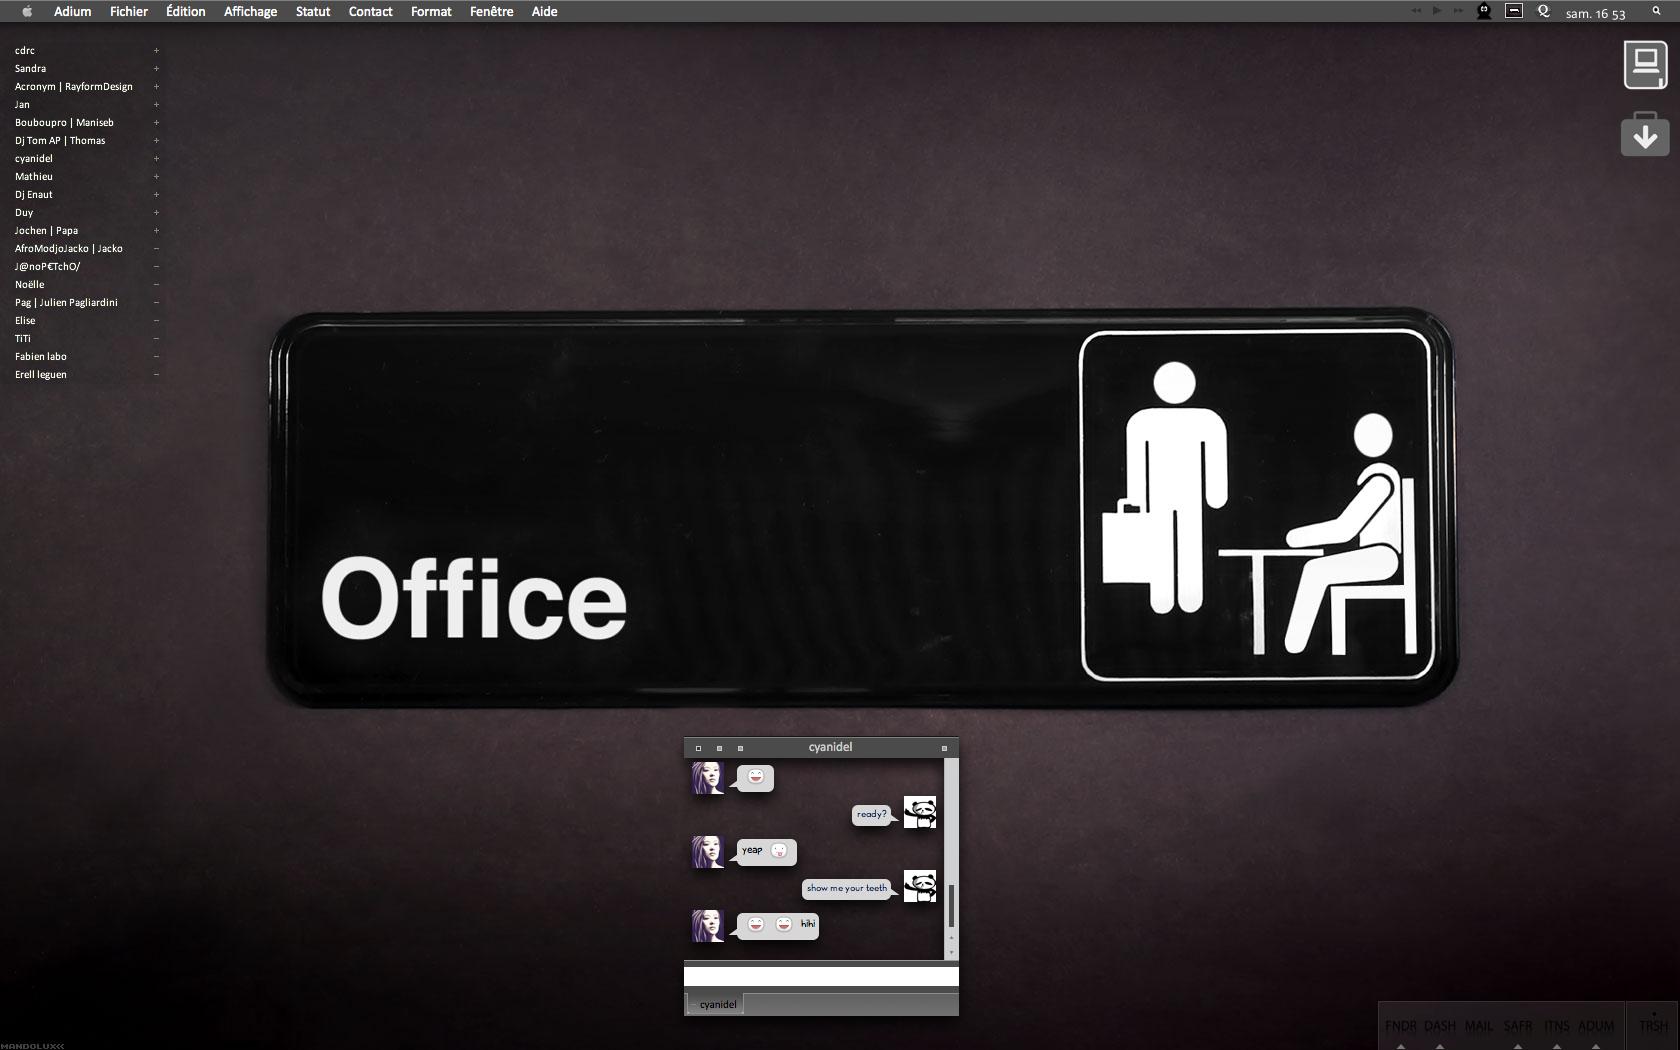 office by txepa